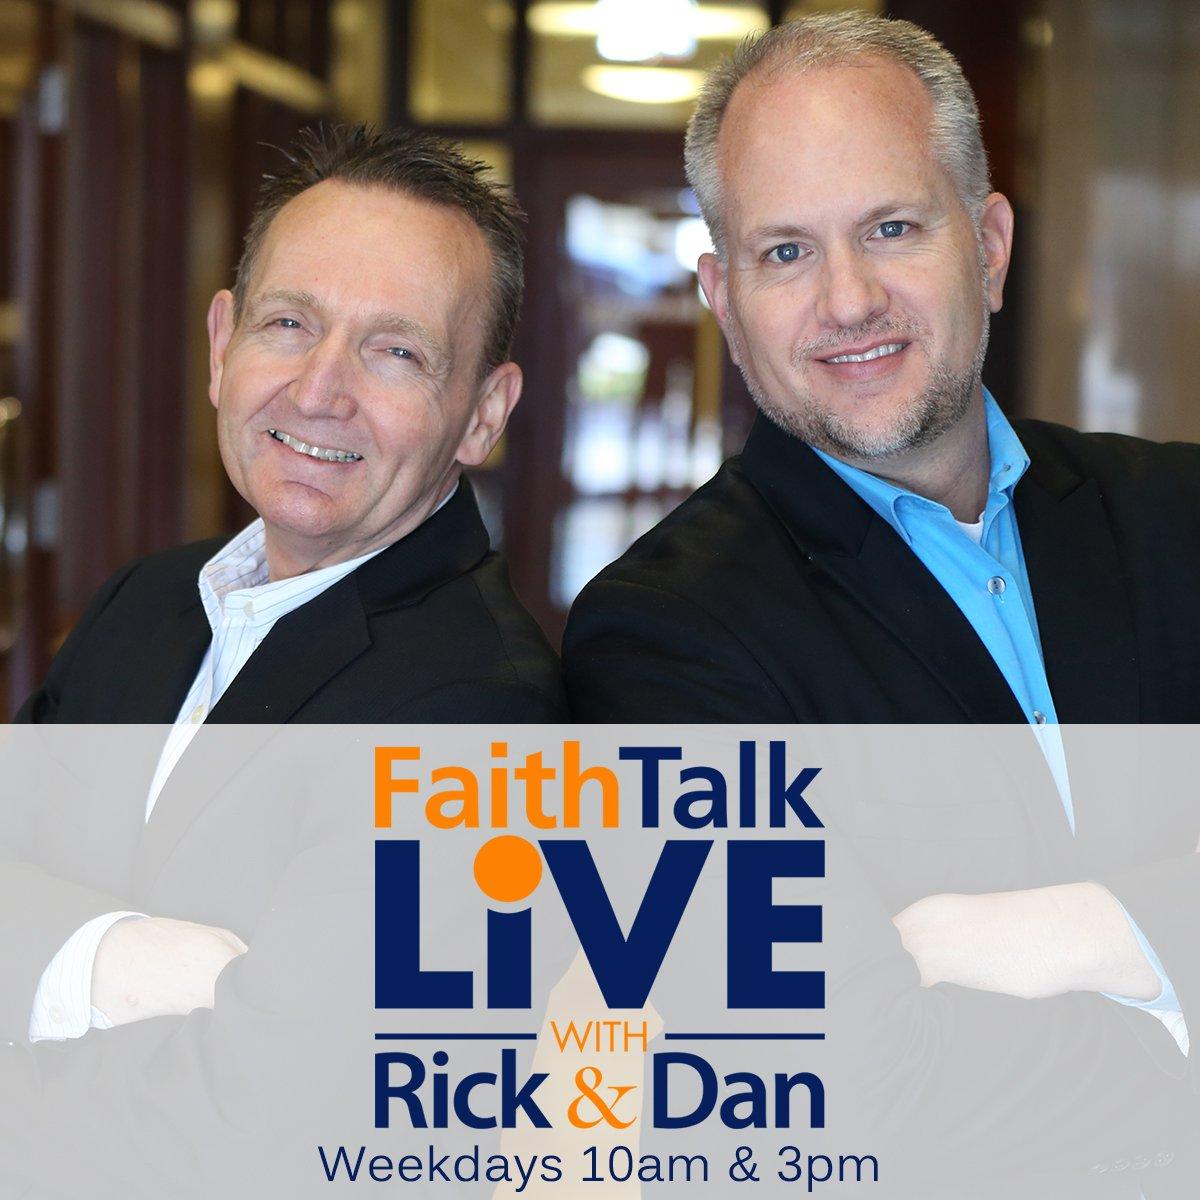 FaithTalk Live